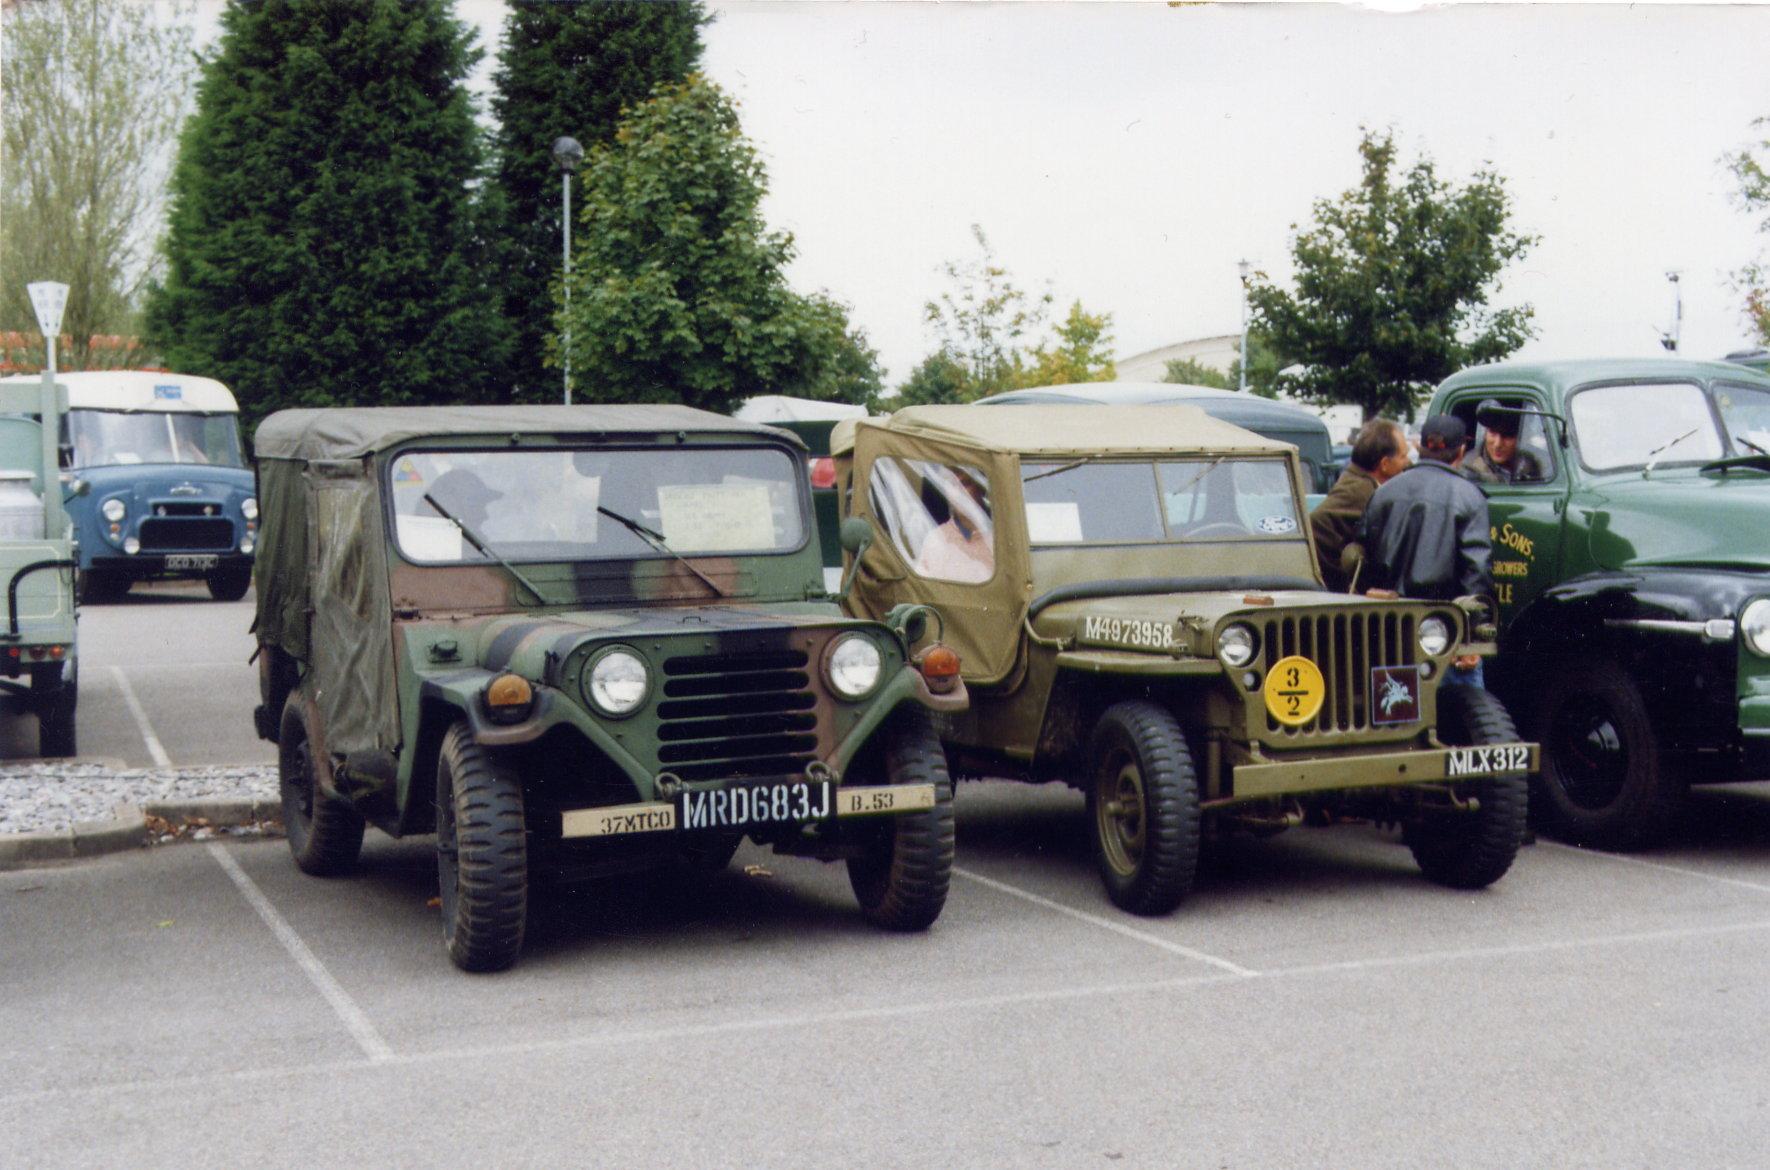 Ford M Mutt Mrd J on Willys Jeep Usmc M38